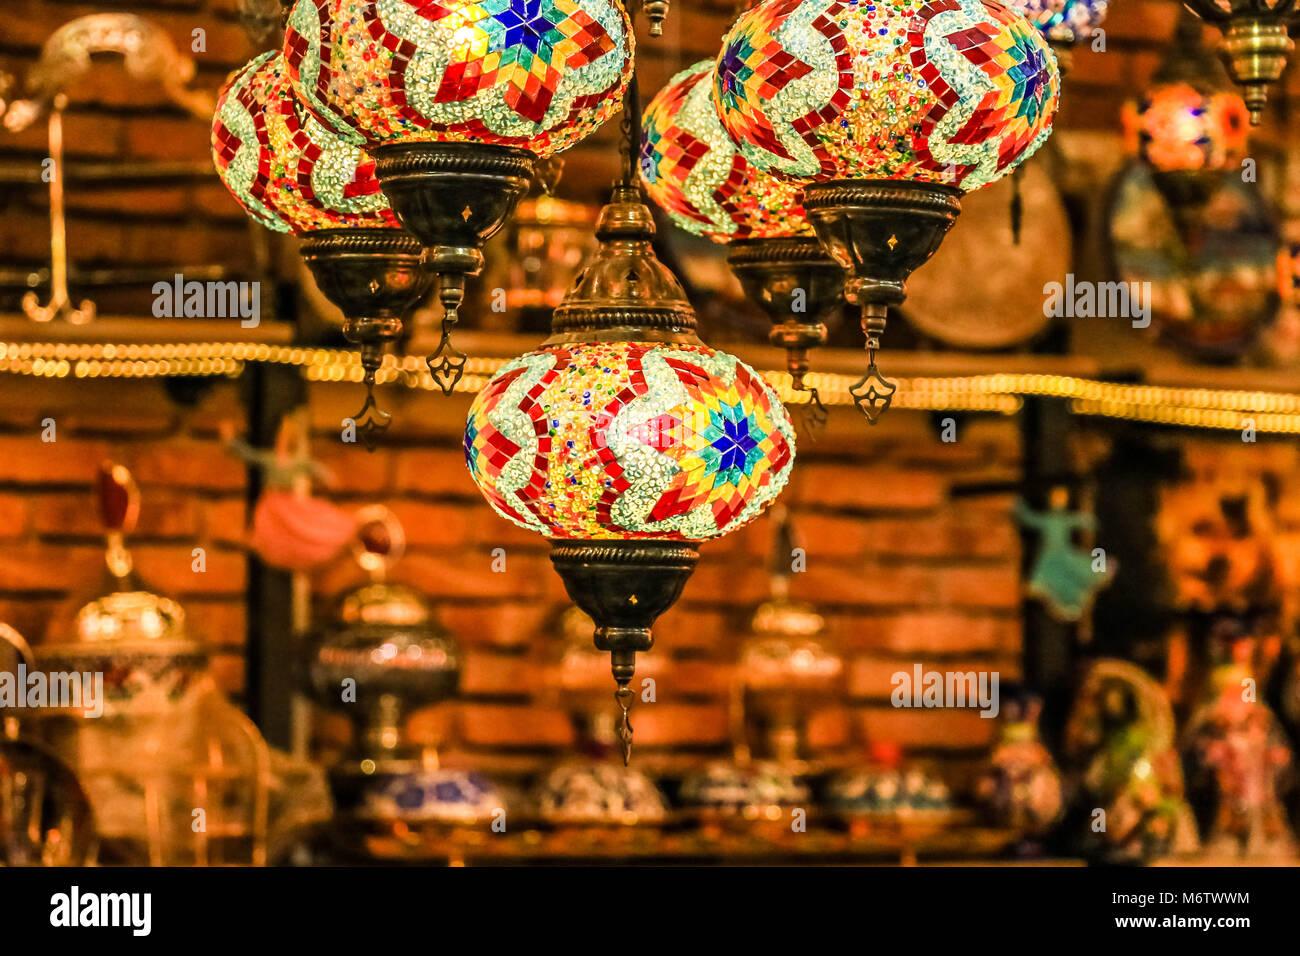 Luminose tradizionali appeso decorativi bagno turco lampade e luci